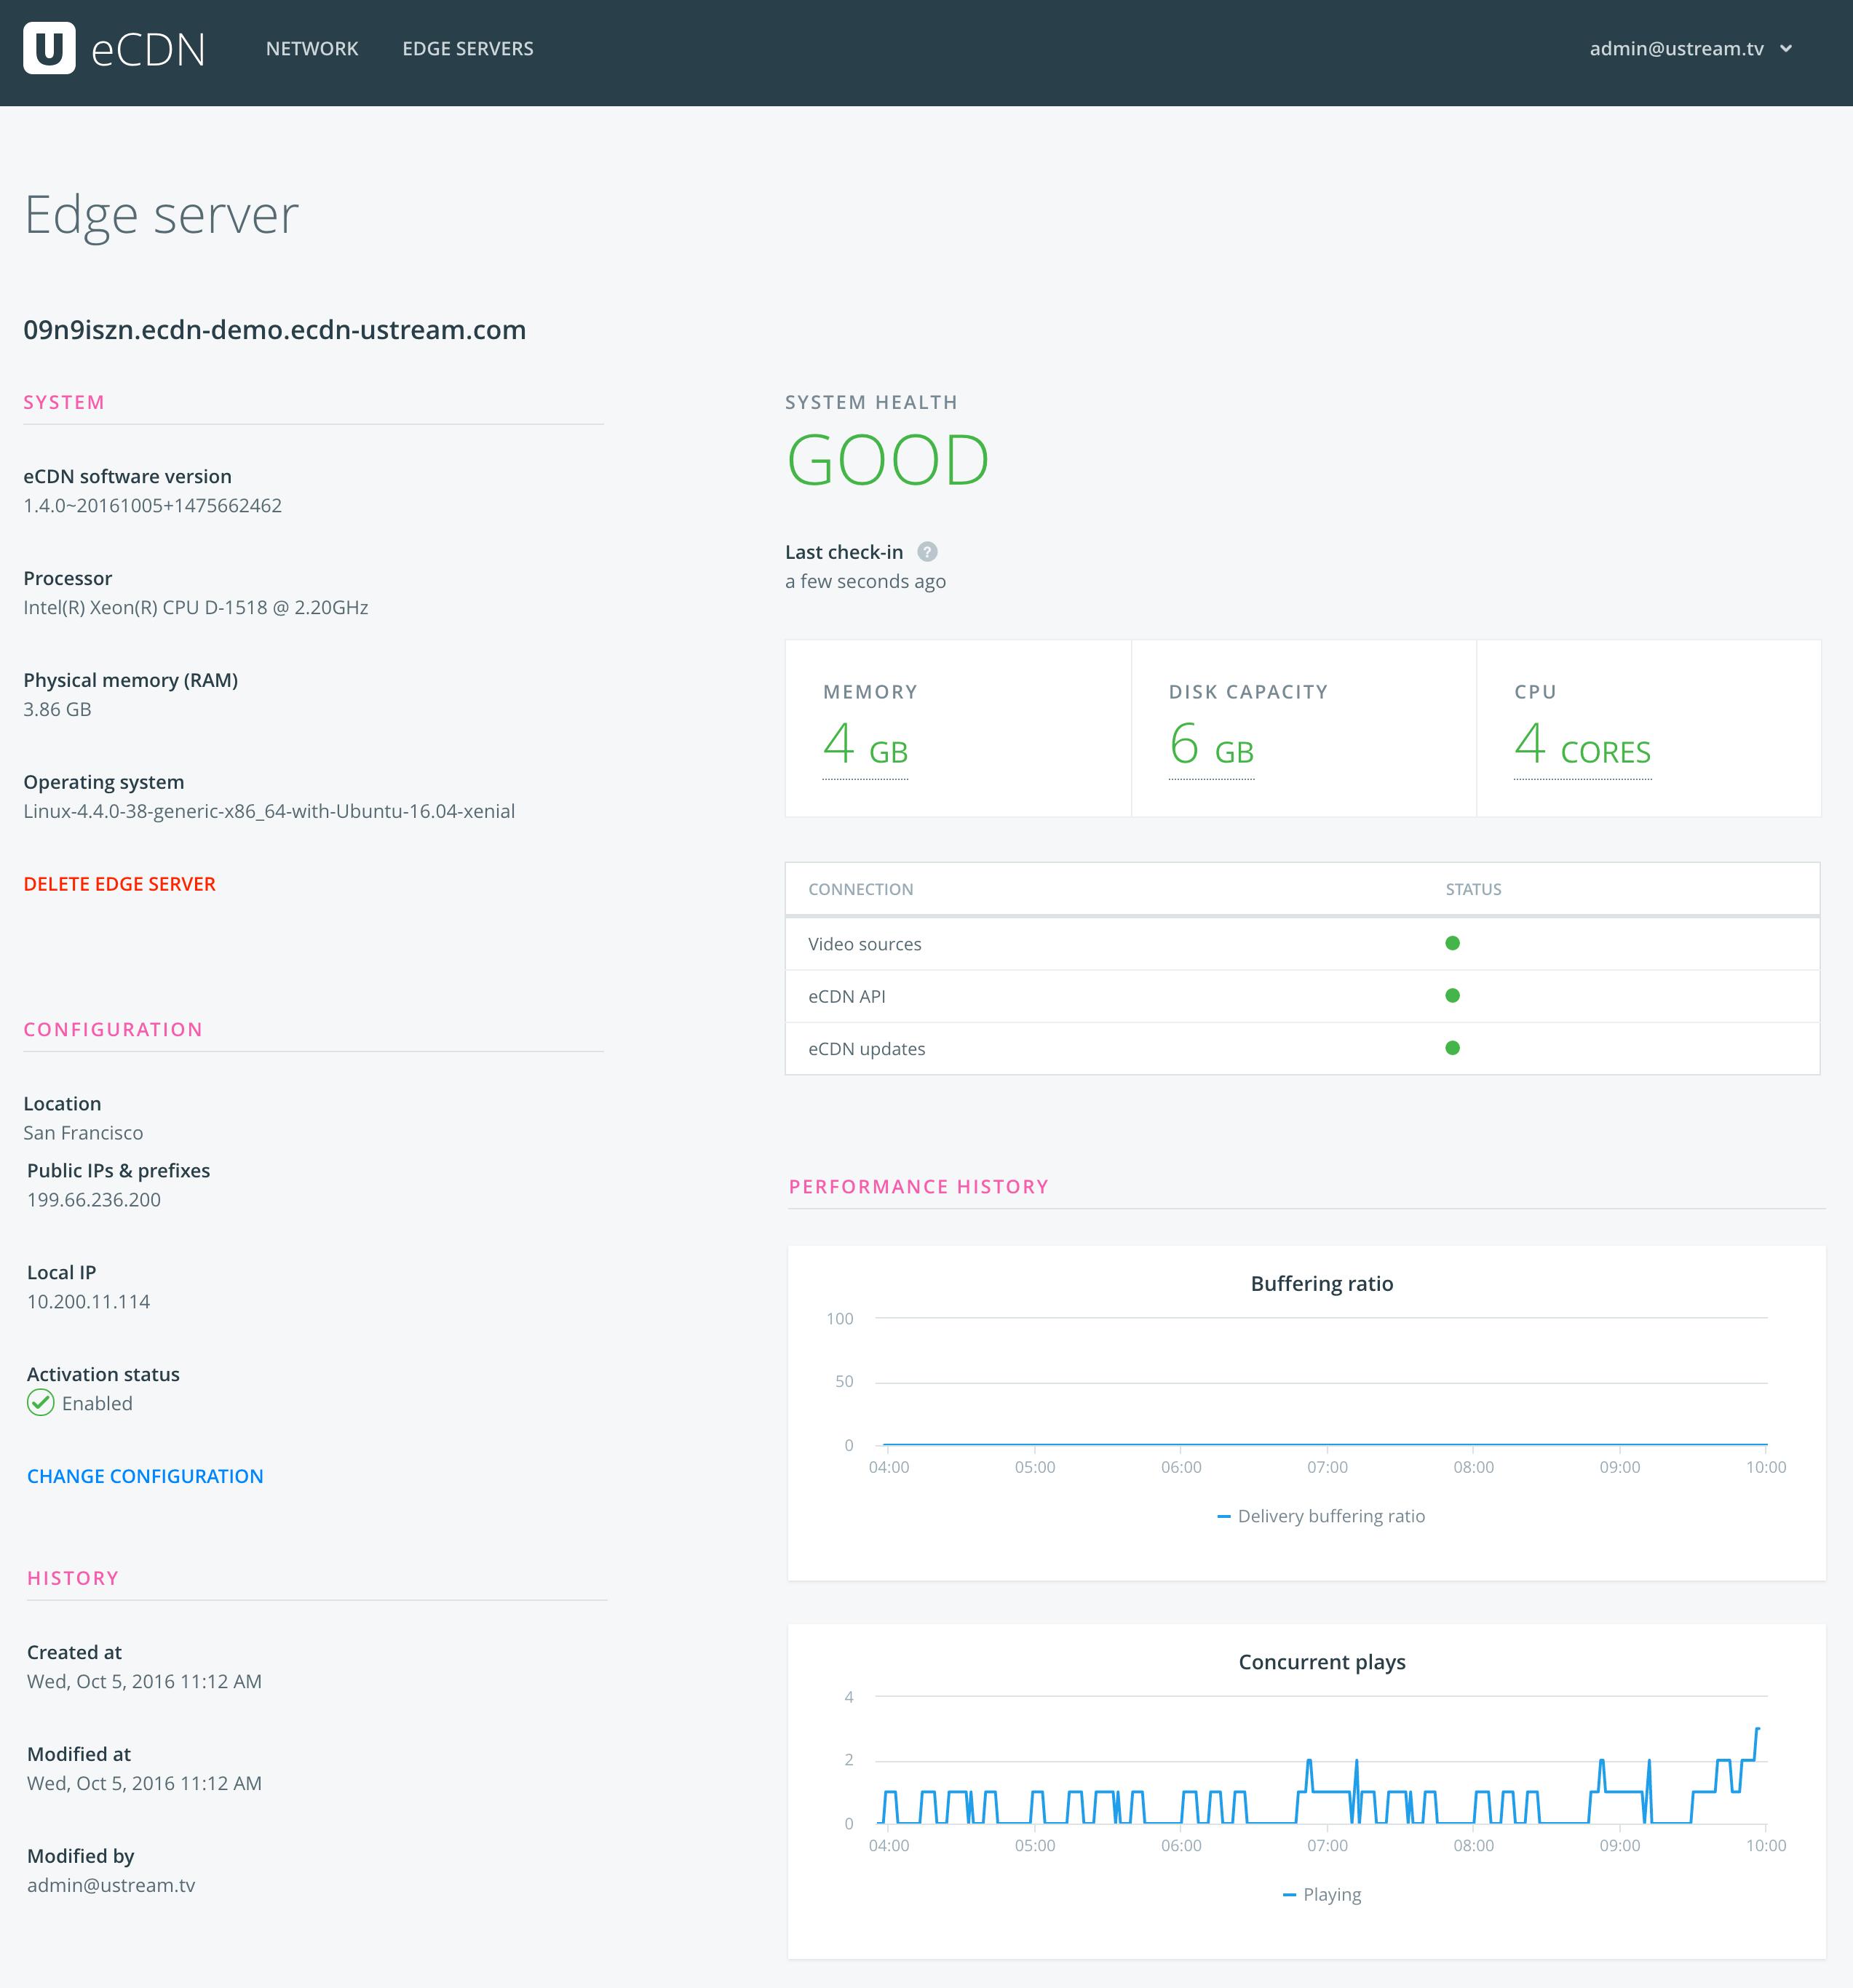 eCDN Benfits: Edge Server Readout